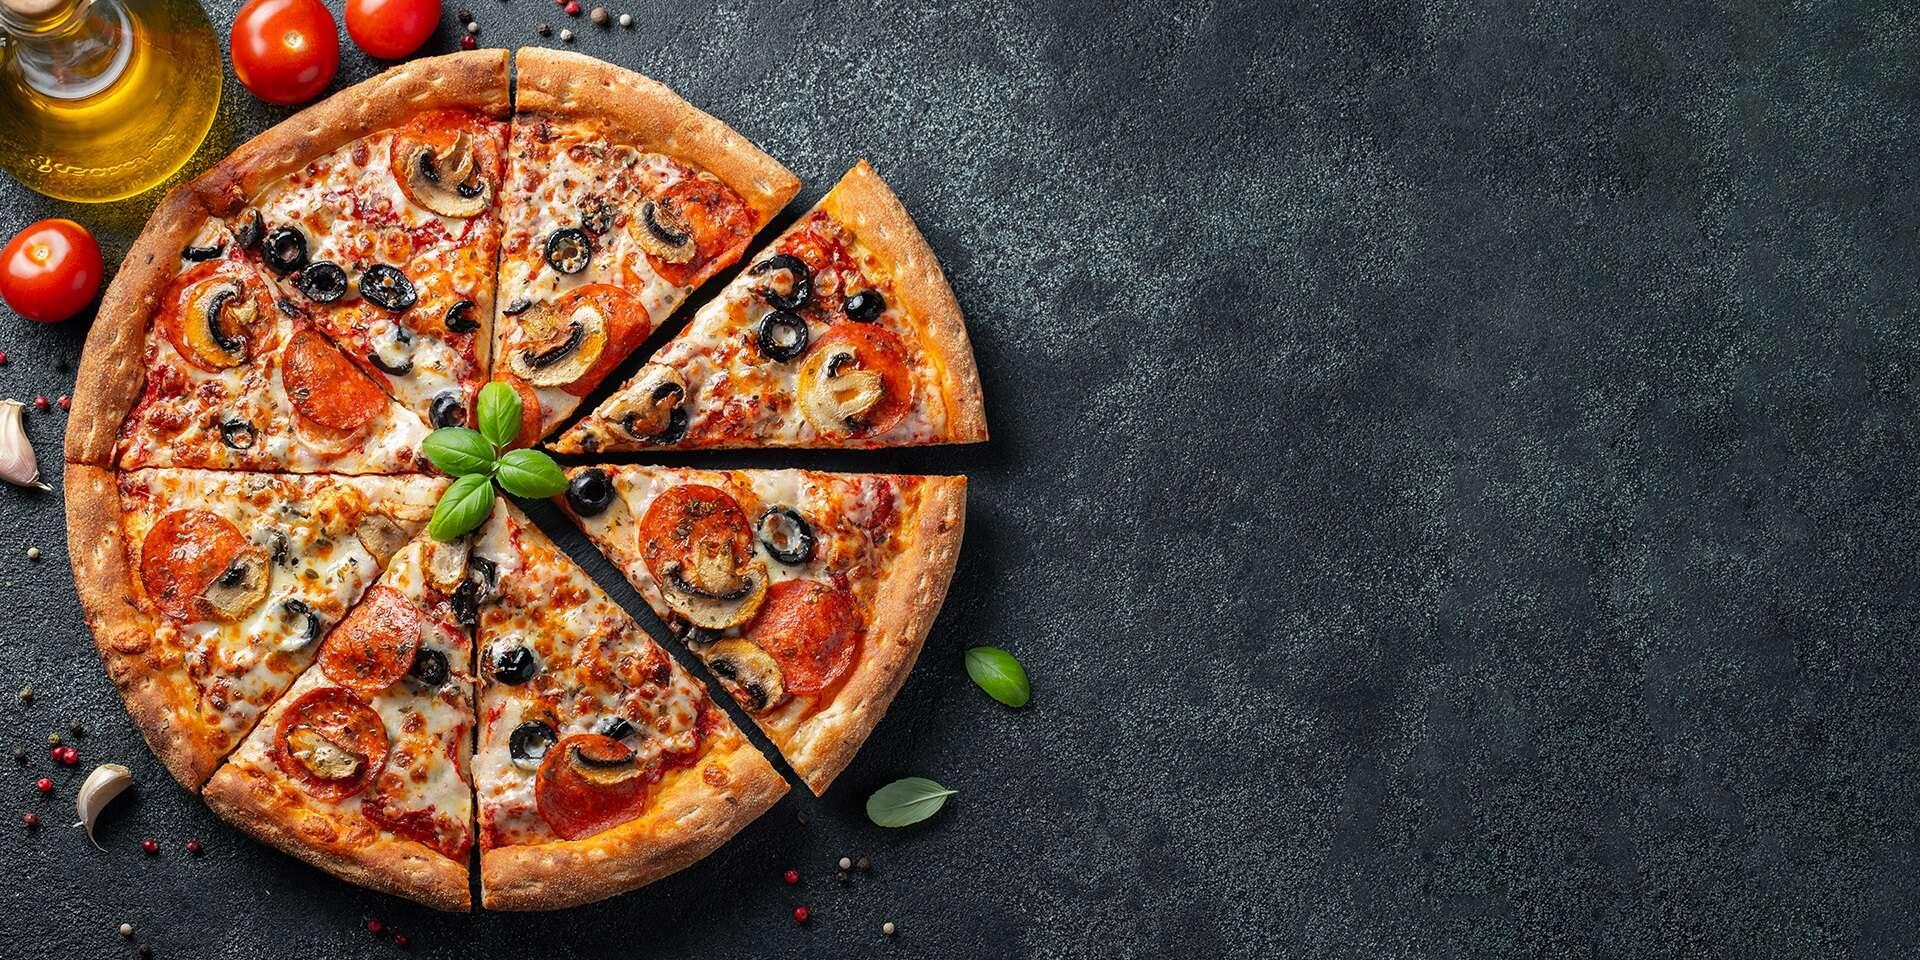 Pizza alebo XXL burger s hranolkami s donáškou pred dom či do práce alebo take away